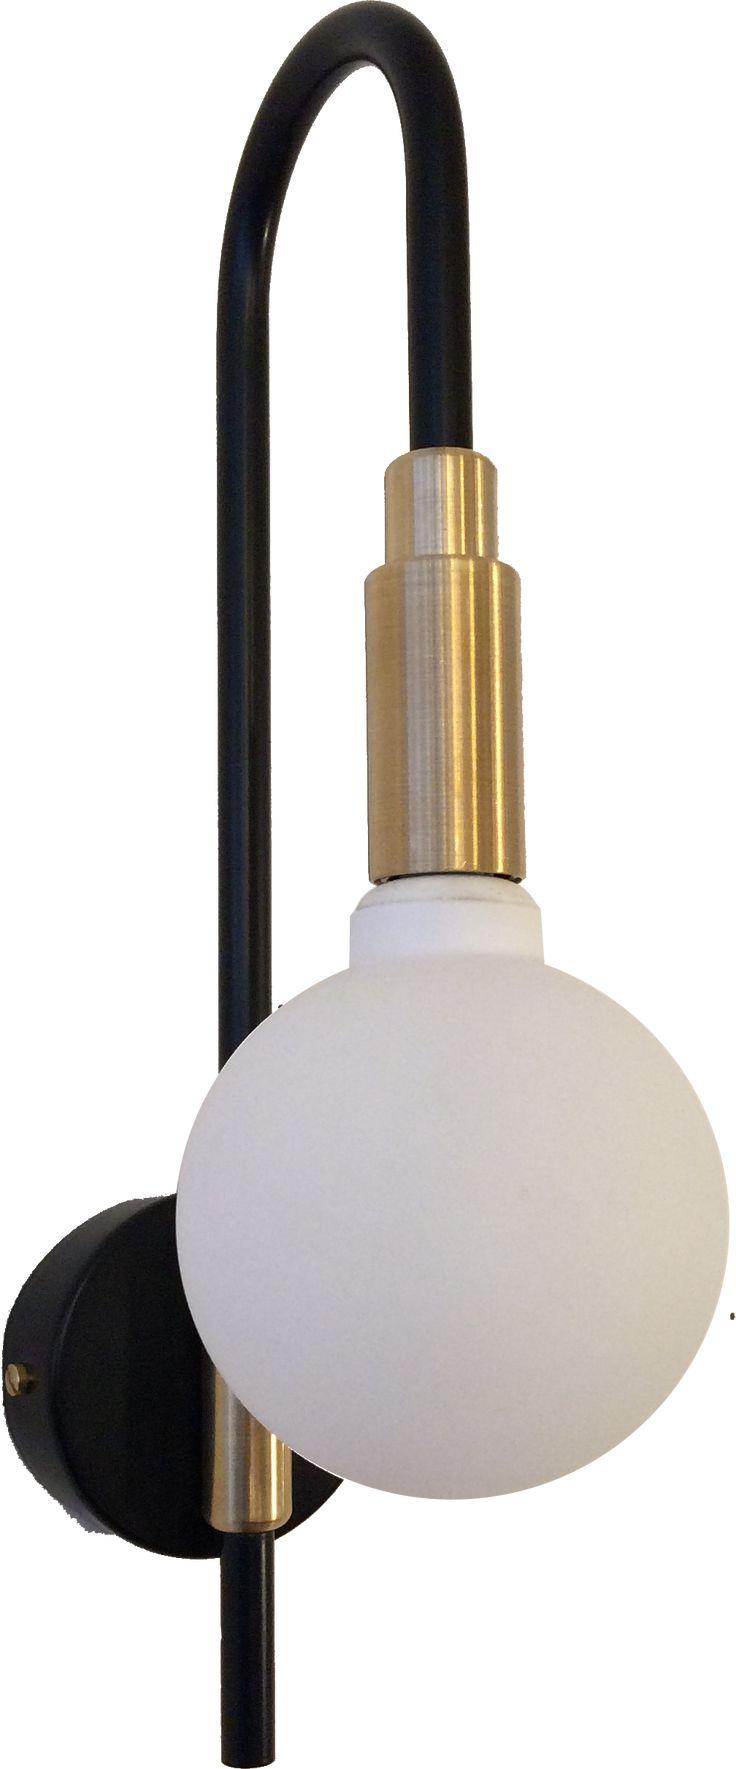 Acier cintré, laqué noir. Cache douille en laiton massif. Éclairage par un globe en verre blanc mat renfermant une ampoule g9 halogène de 40 ou 60 W.